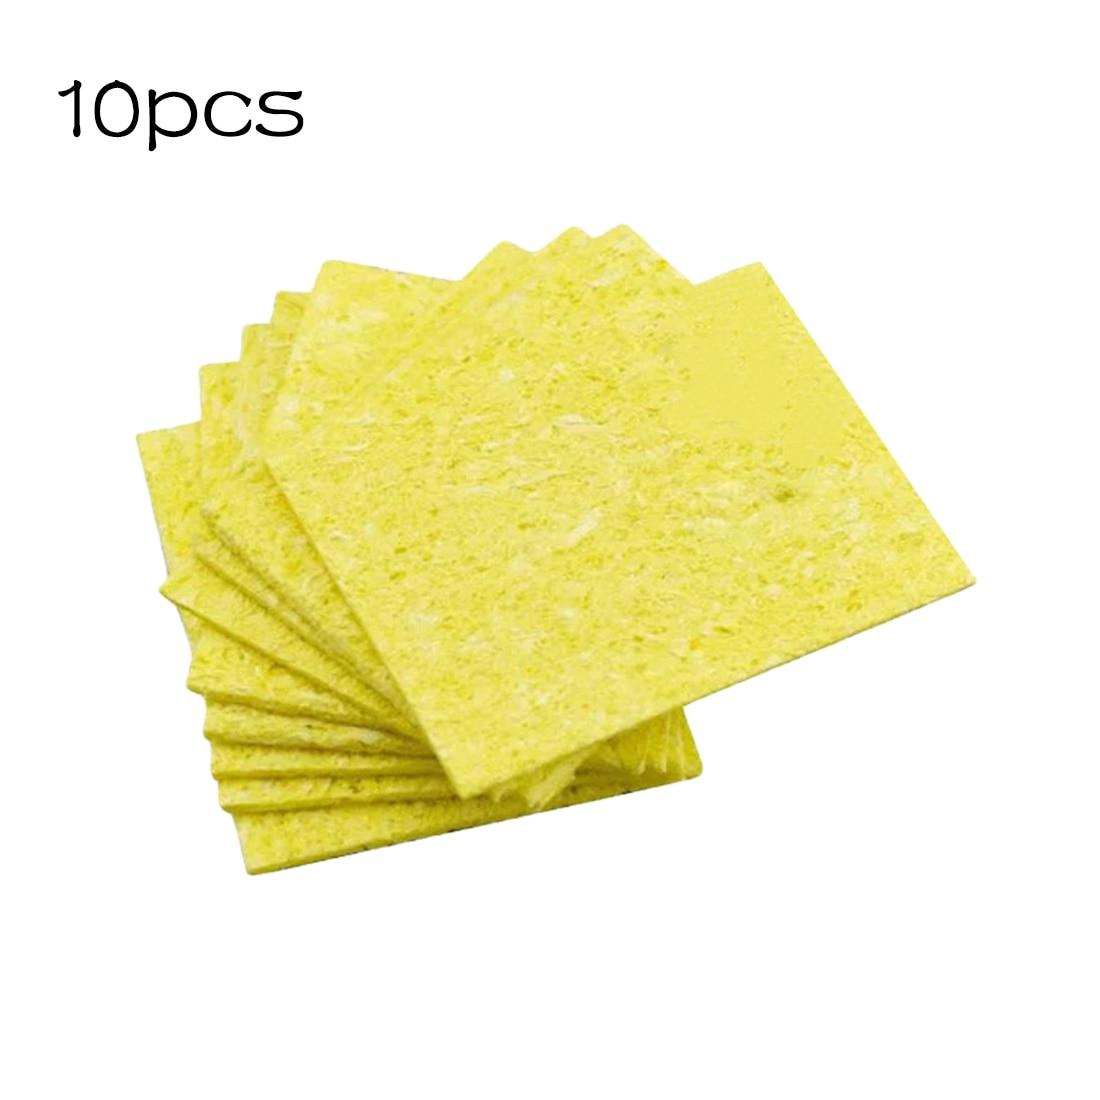 10pcs High Temperature Resistant Heatstable Solder Thick Sponge Soldering Welding Accessories Soldering Iron Cleaning New